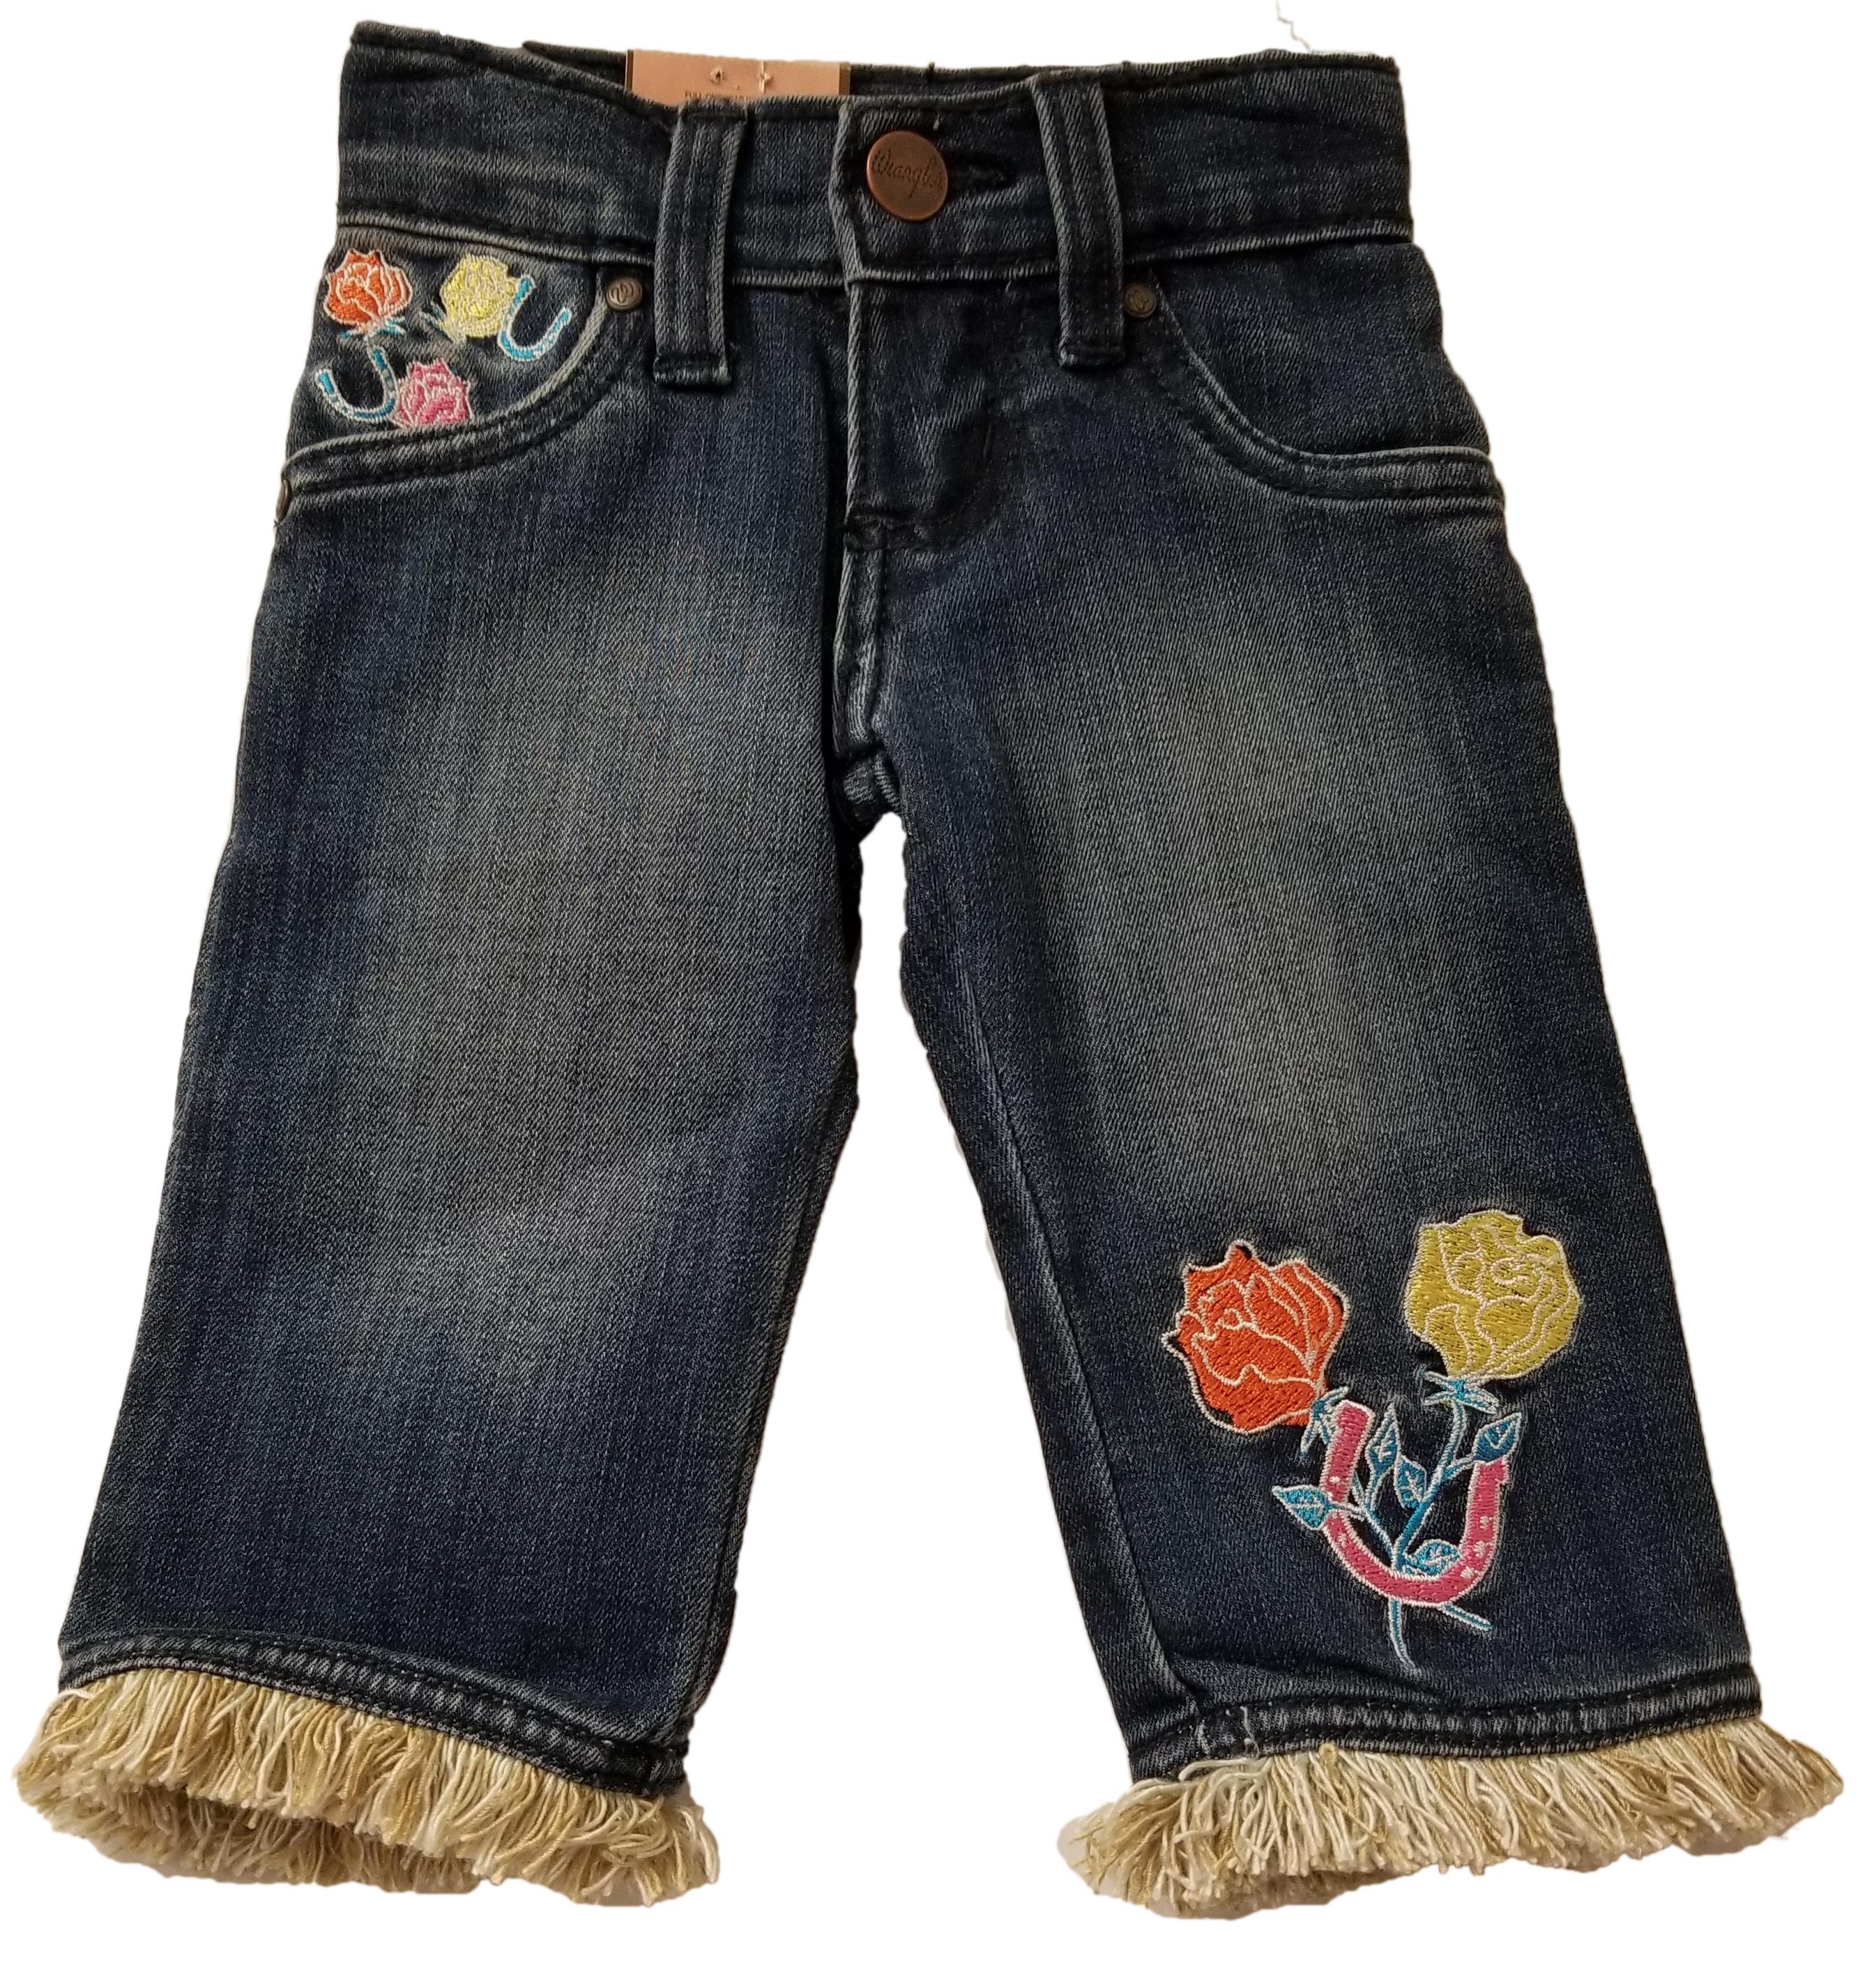 f9cf99dc6d24 Wrangler All Around Baby Infant Toddler Girl s Fringe Hem Embroidery ...